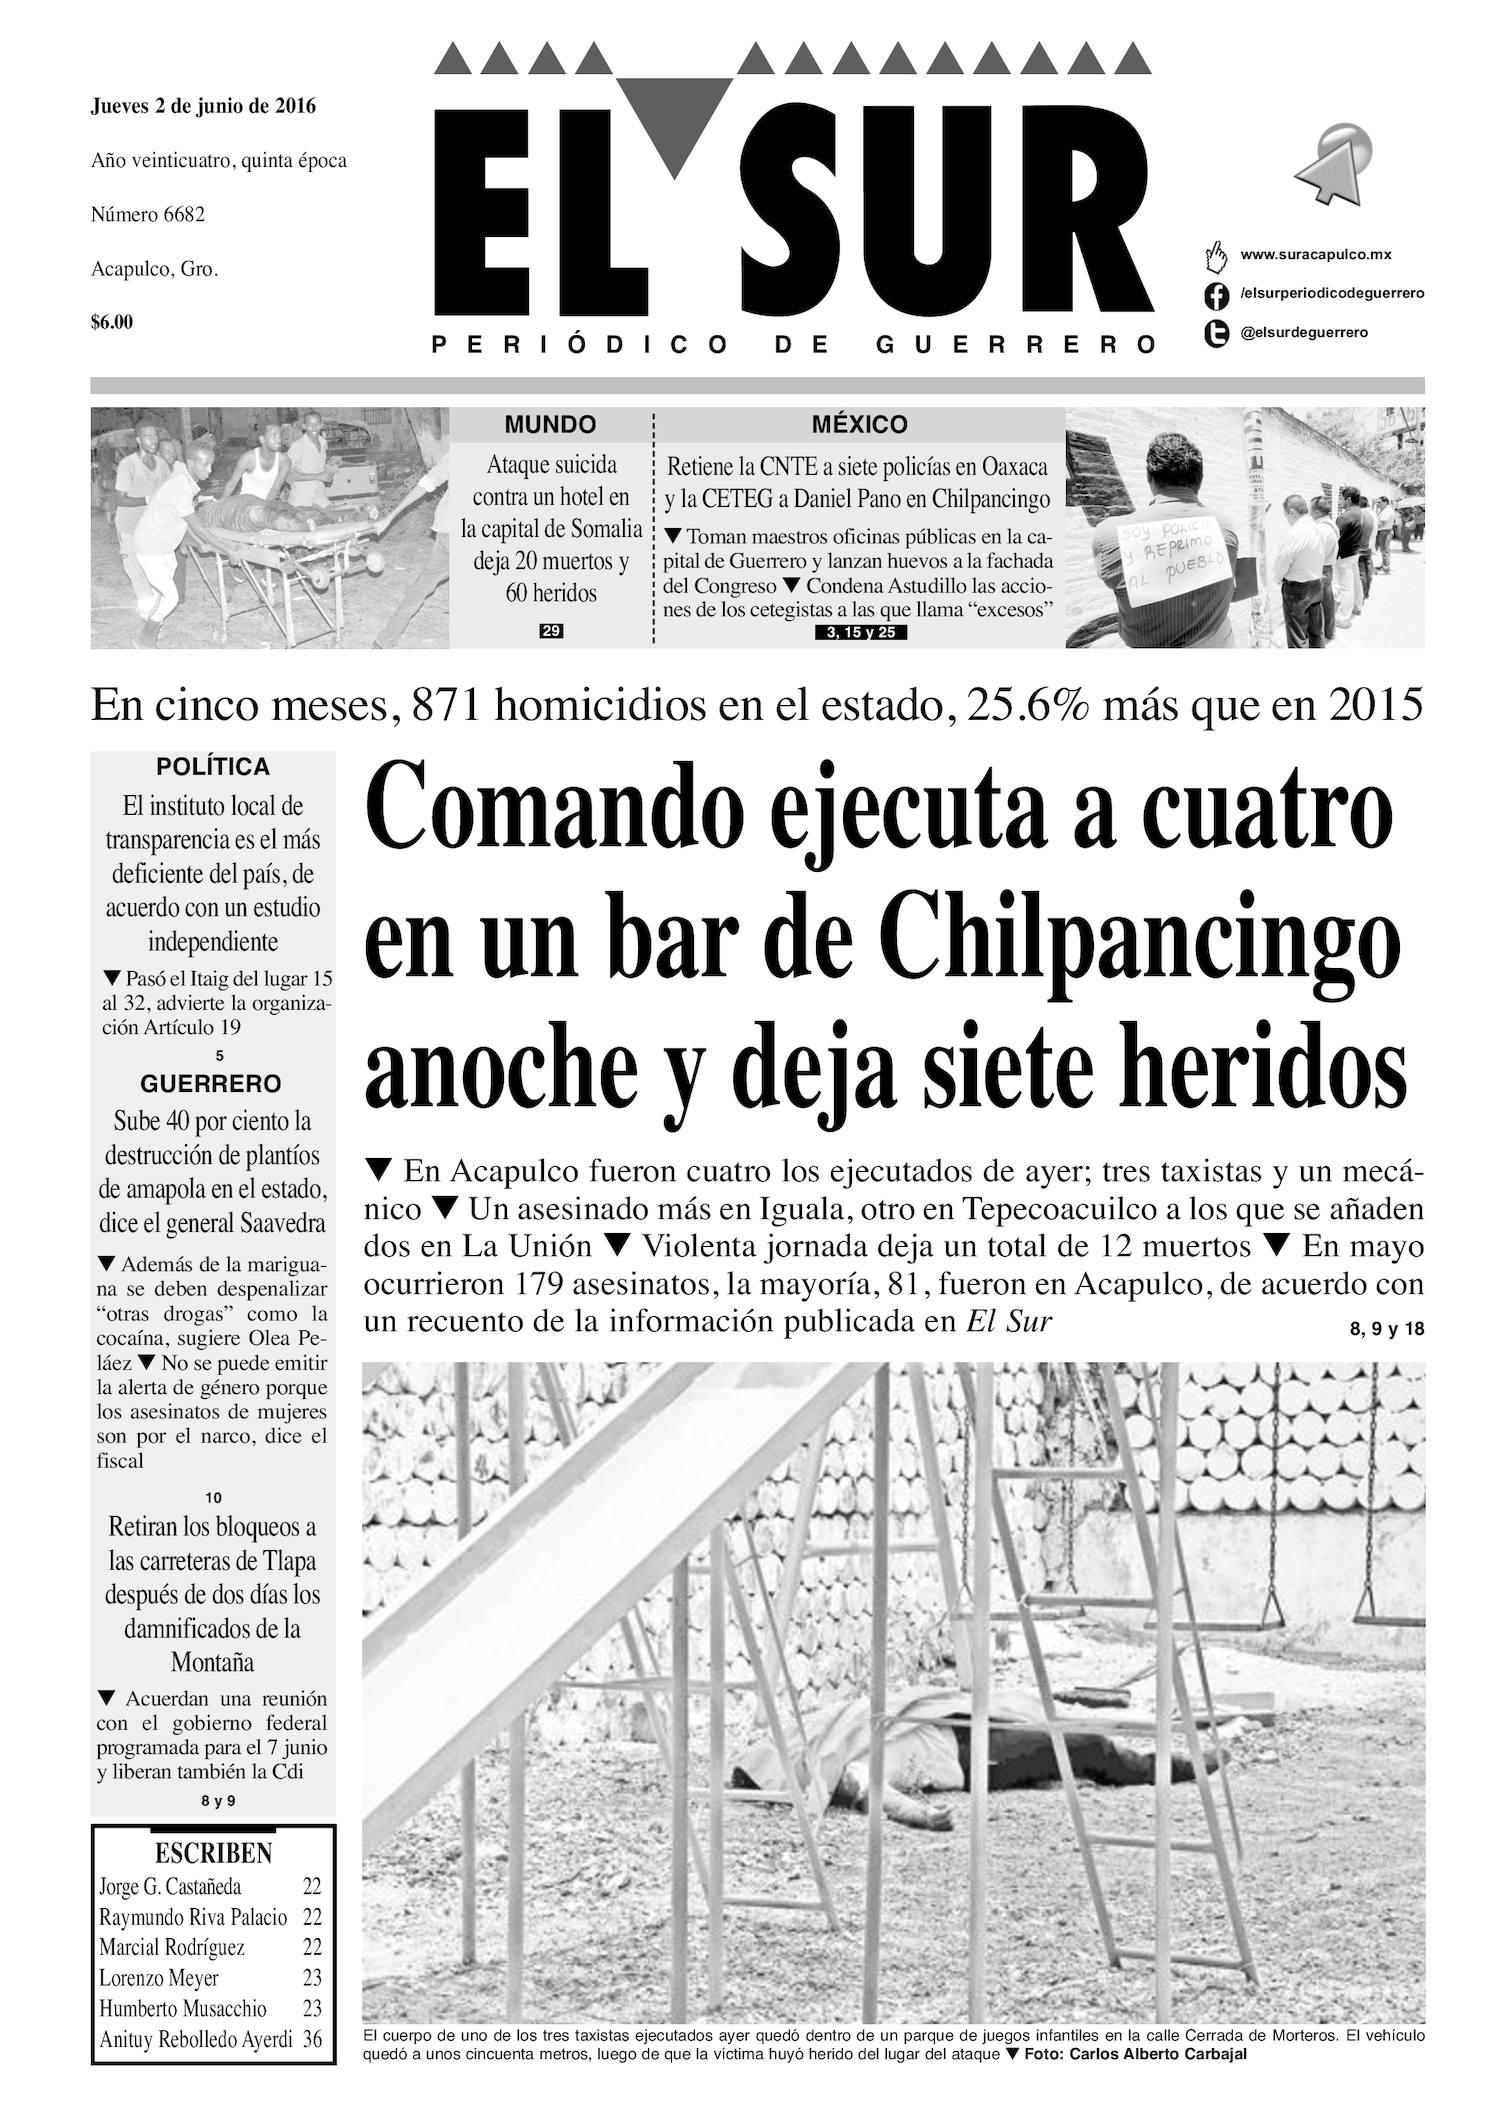 Calaméo - El Sur Jueves 02062016 011afb938a99